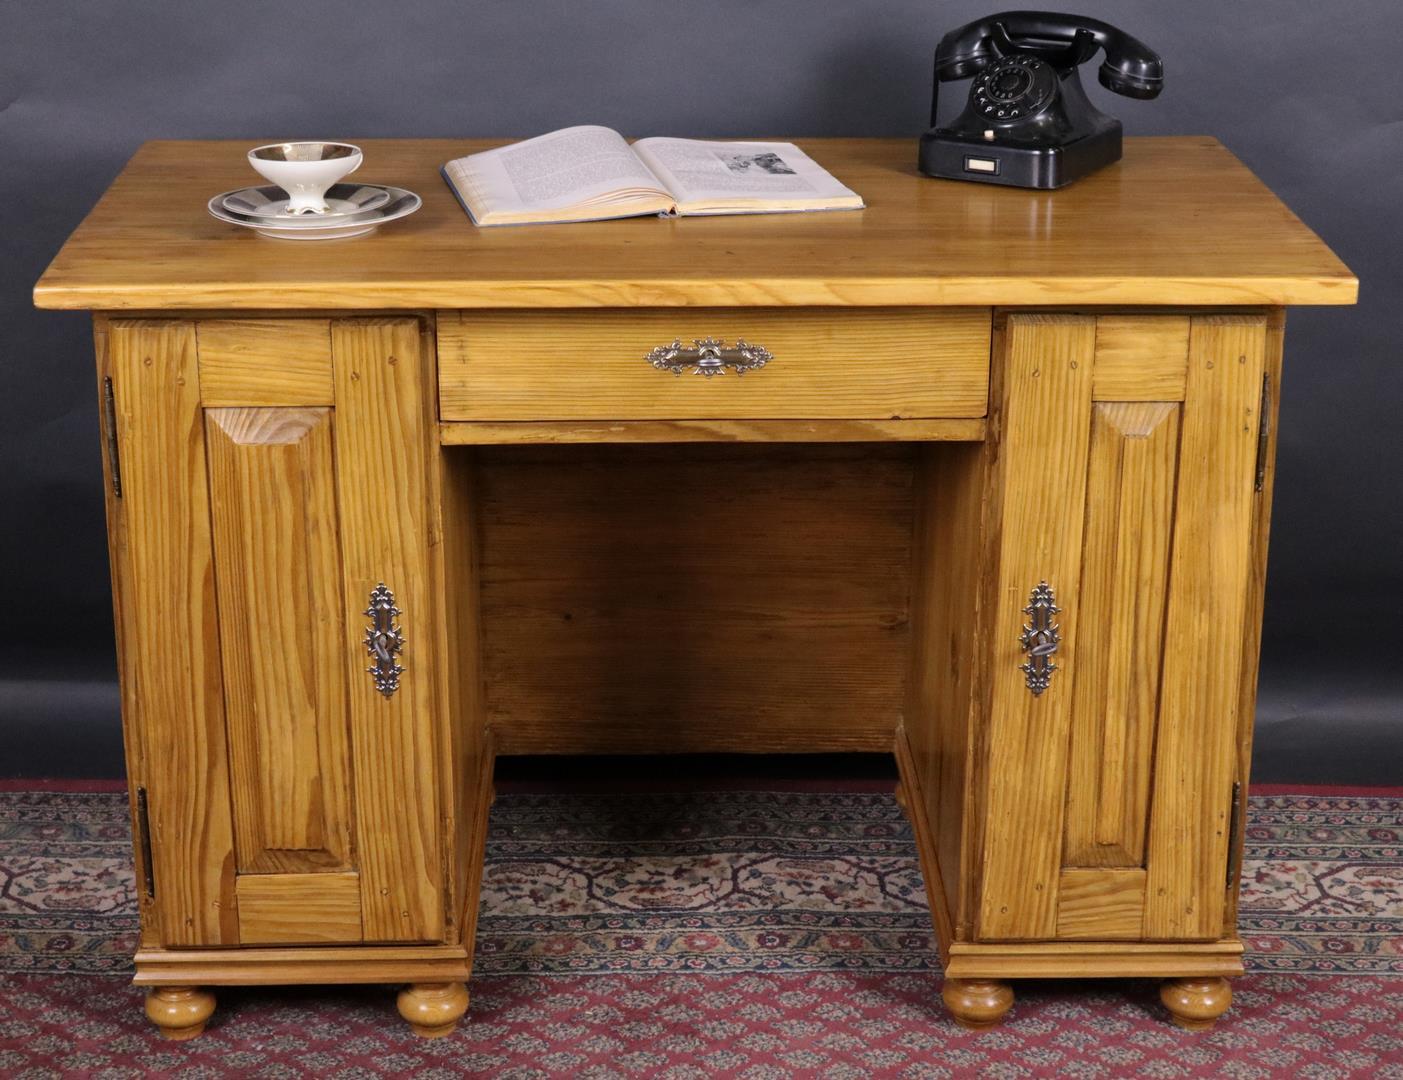 kleiner antiker schreibtisch weichholz biedermeier. Black Bedroom Furniture Sets. Home Design Ideas